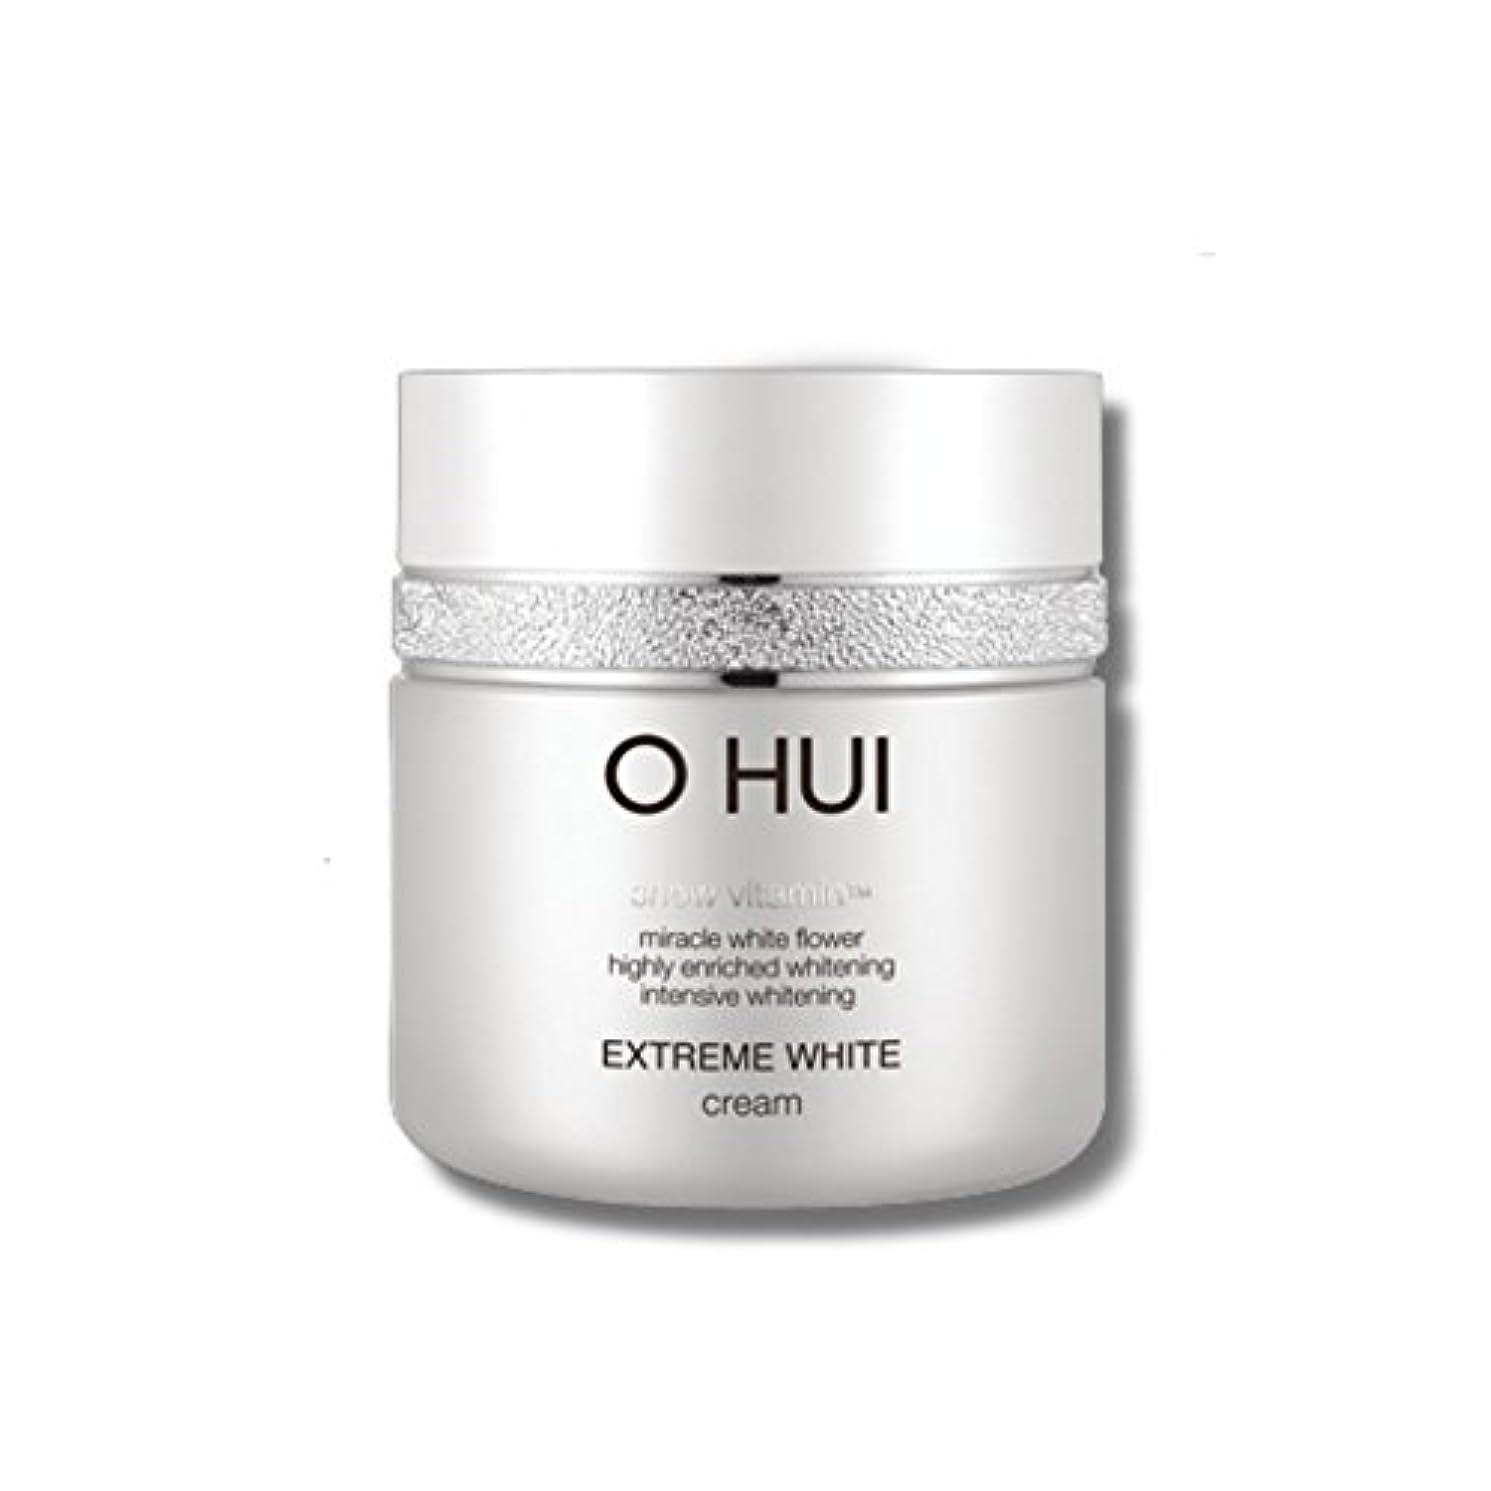 タクト信条曲げるOHUI Extreme White Cream 50ml/オフィ エクストリーム ホワイト クリーム 50ml [並行輸入品]